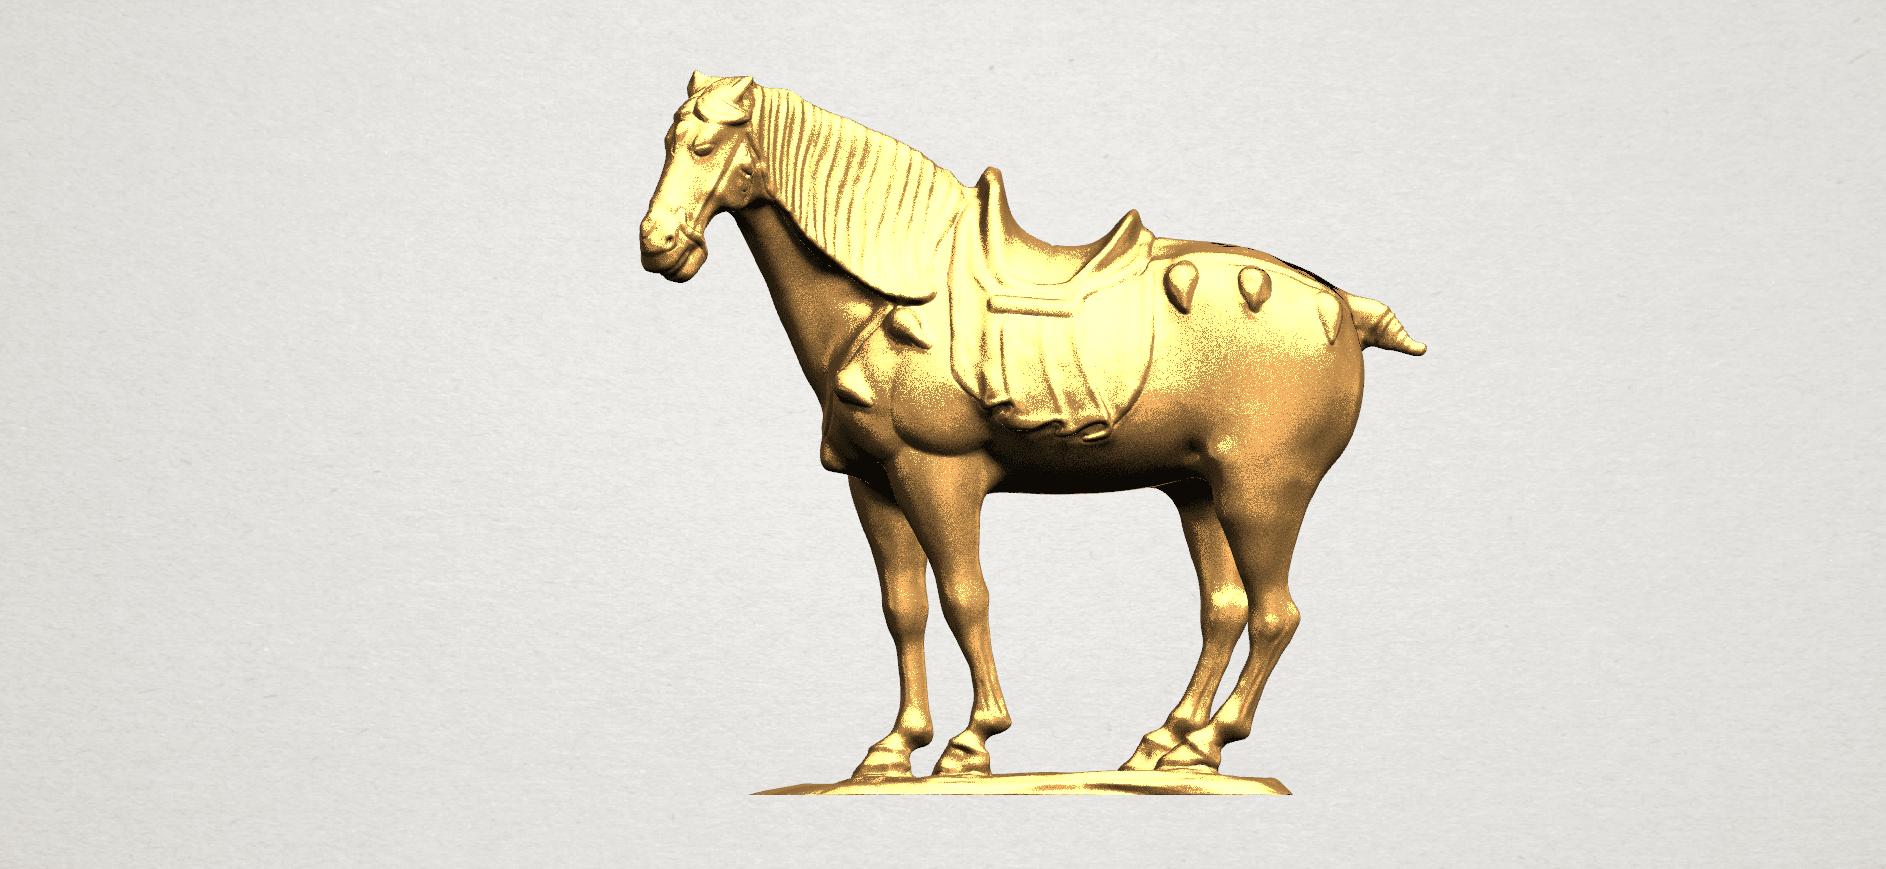 Horse (iv) A01.png Télécharger fichier STL gratuit Cheval 04 • Design à imprimer en 3D, GeorgesNikkei